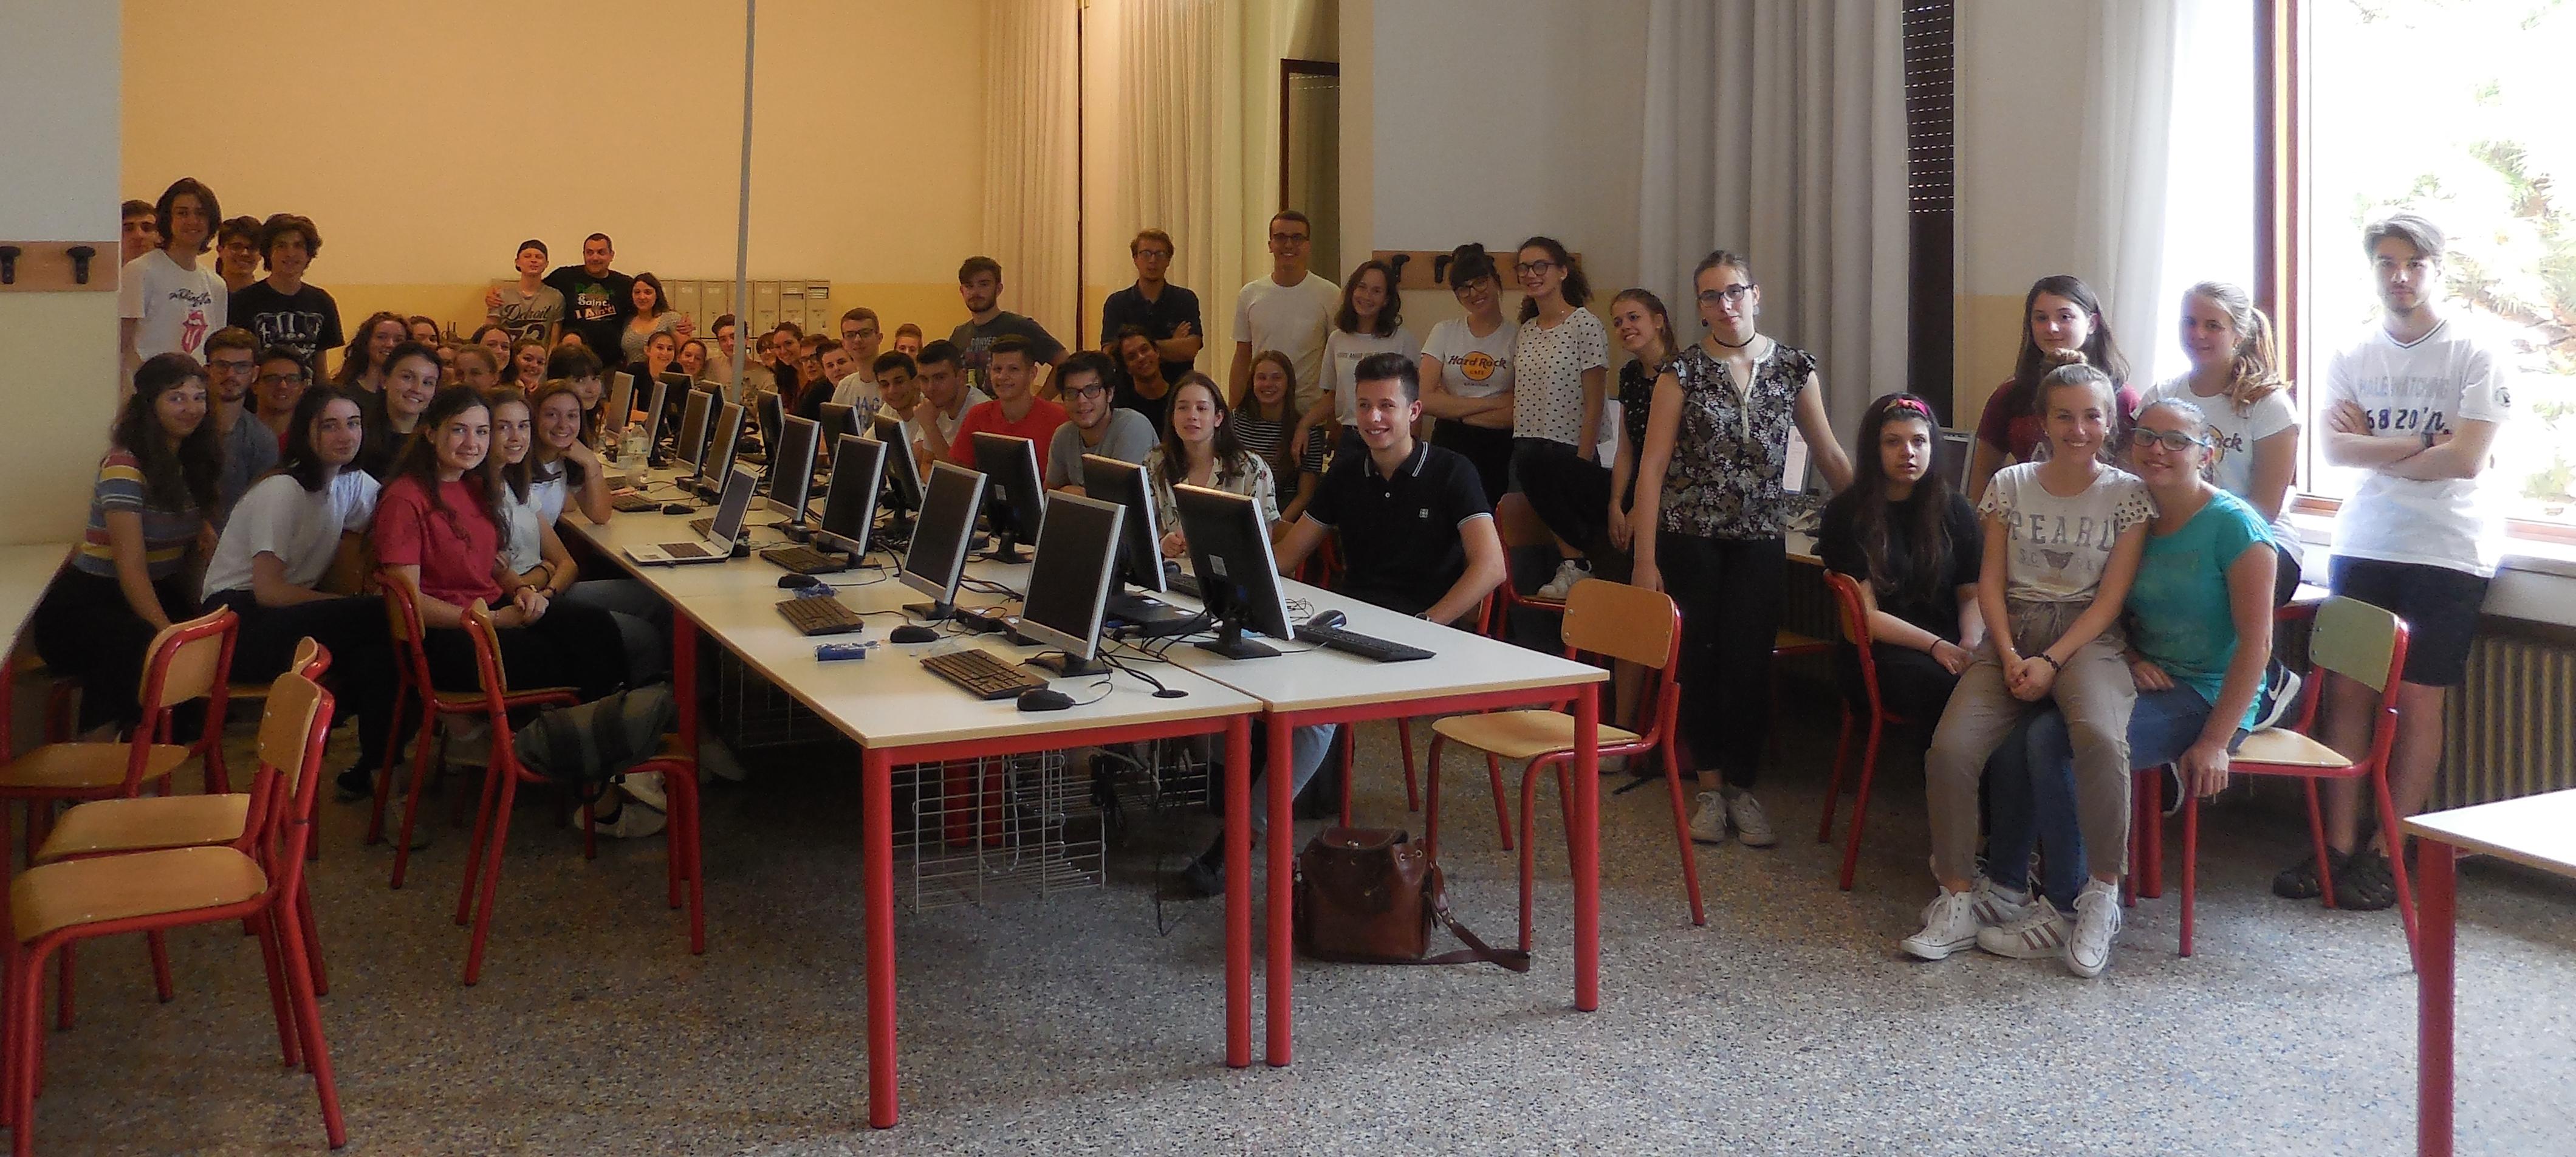 Alternanza Scuola-Lavoro A.S. 2017-2018